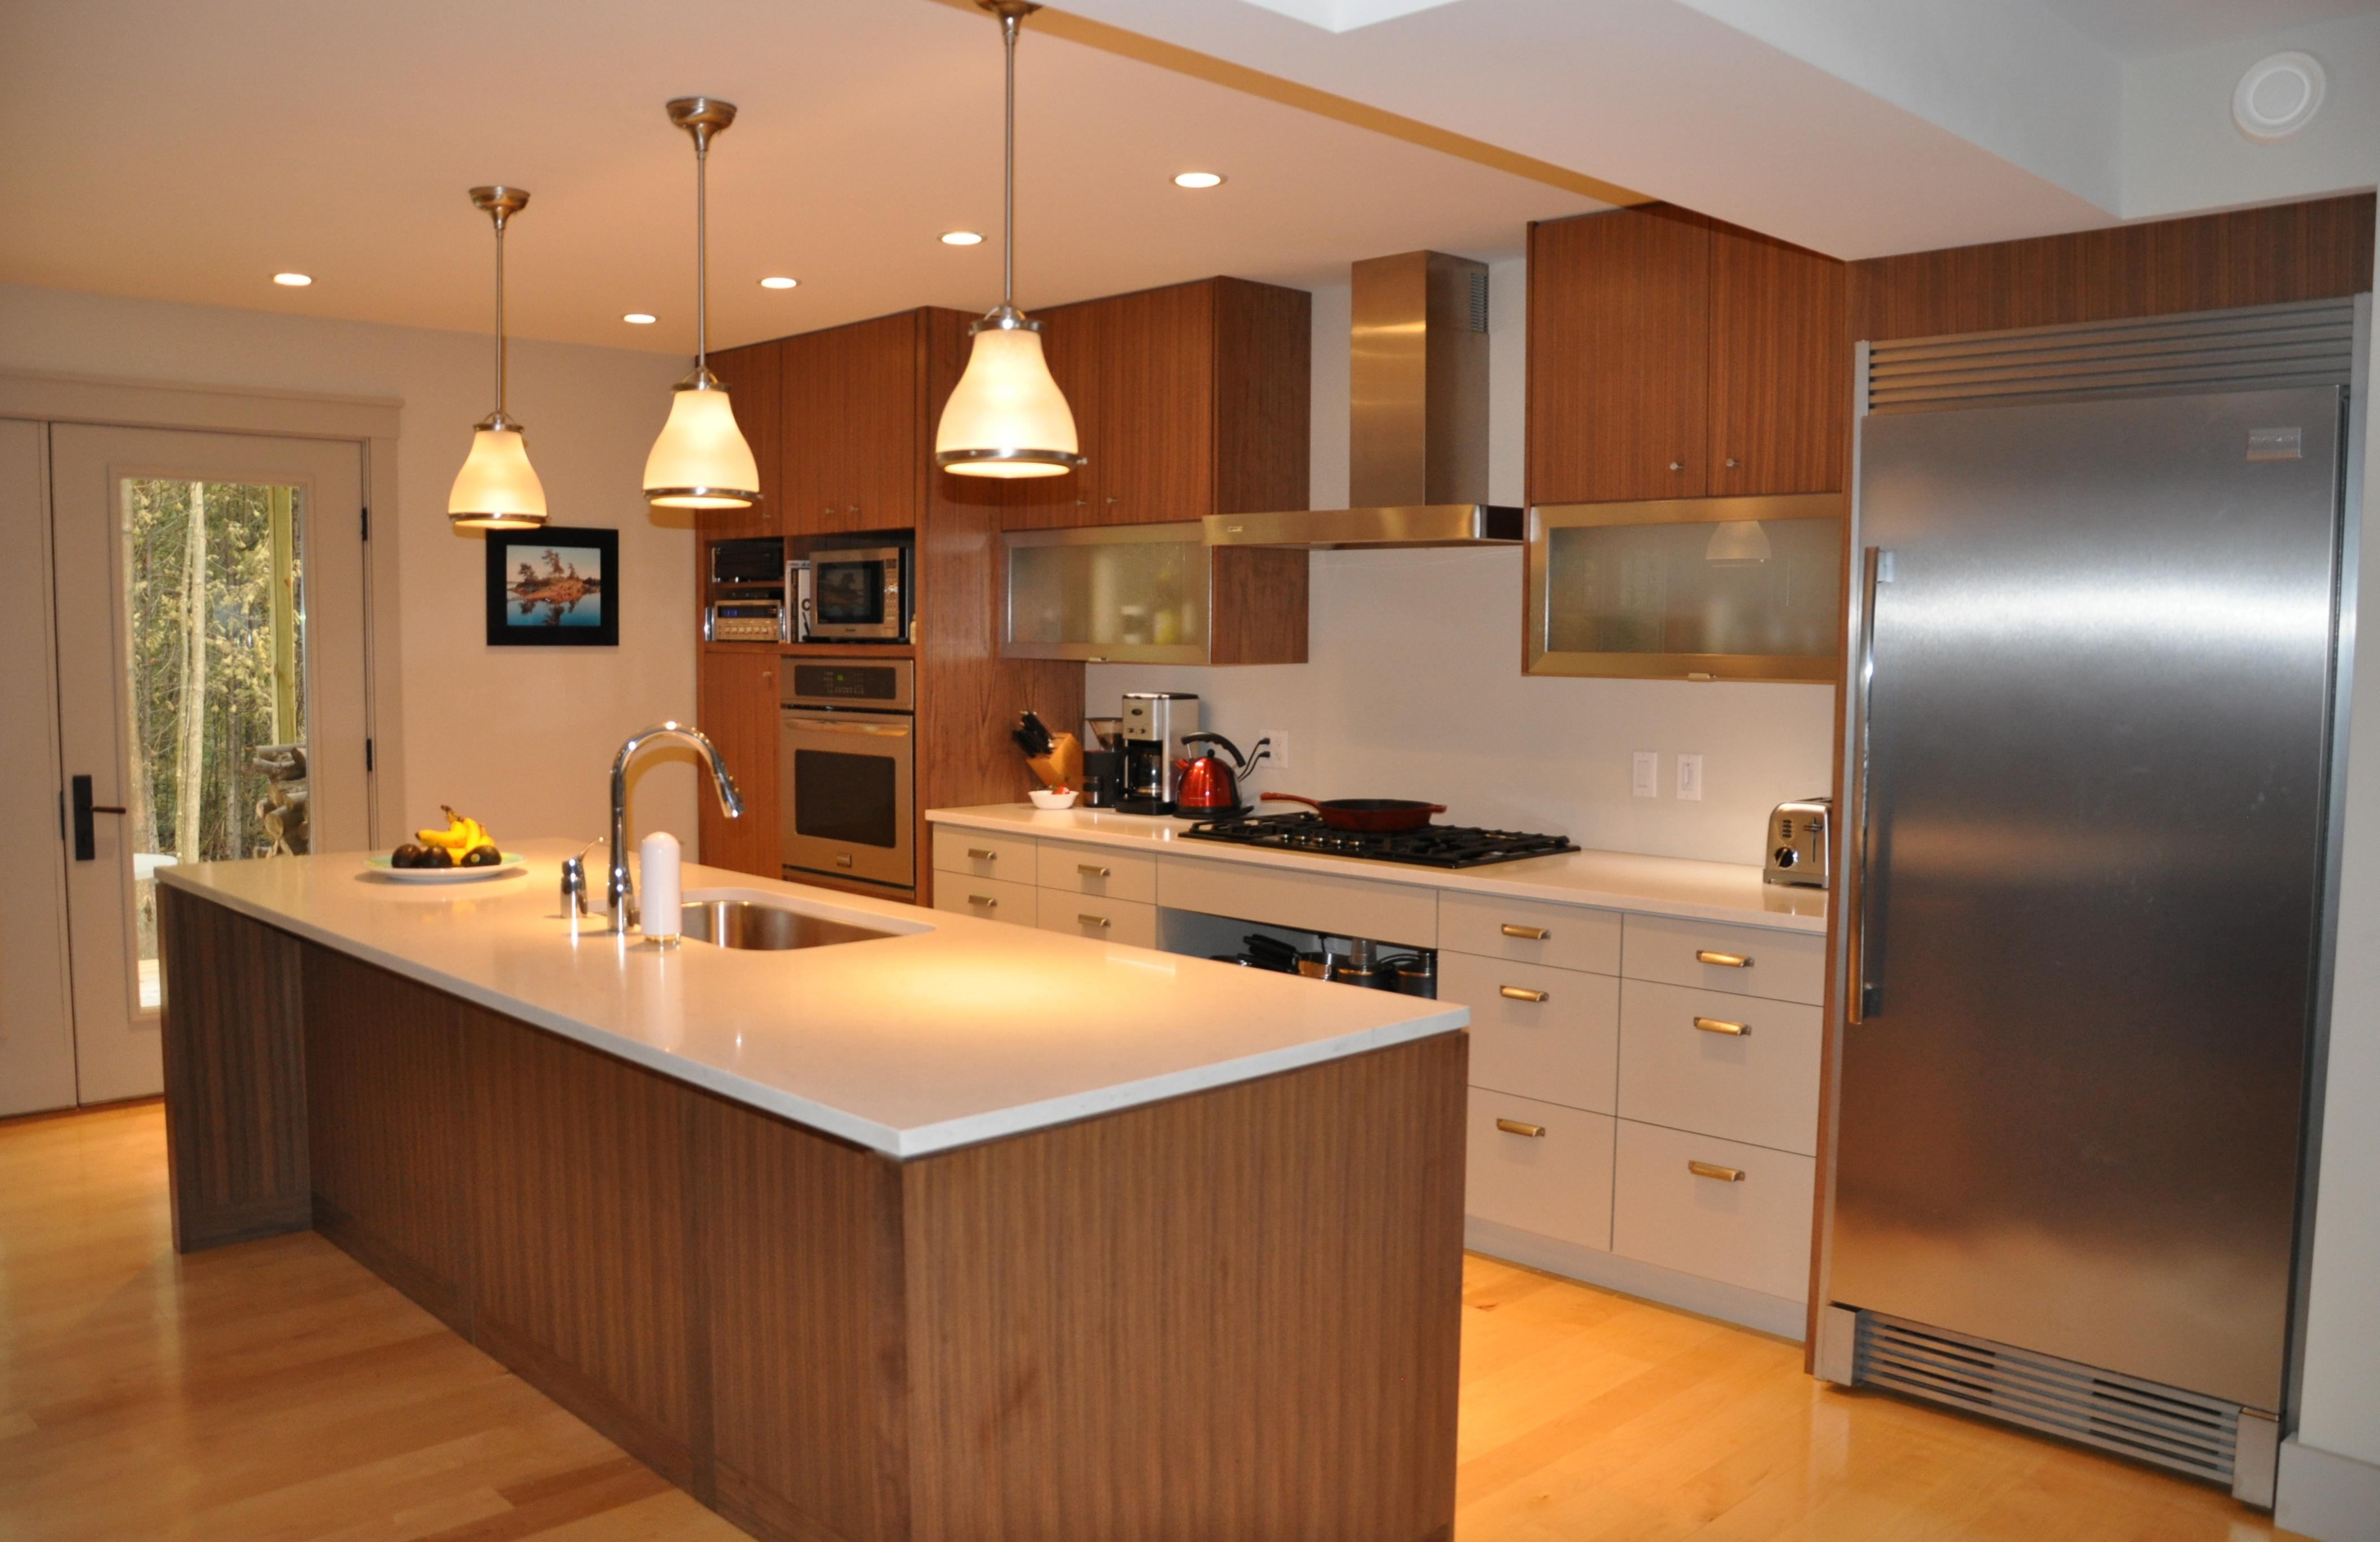 Kitchen S Designer Jobs Kitchen Designers Jobs Country Kitchen Designs Kitchen Design Jobs